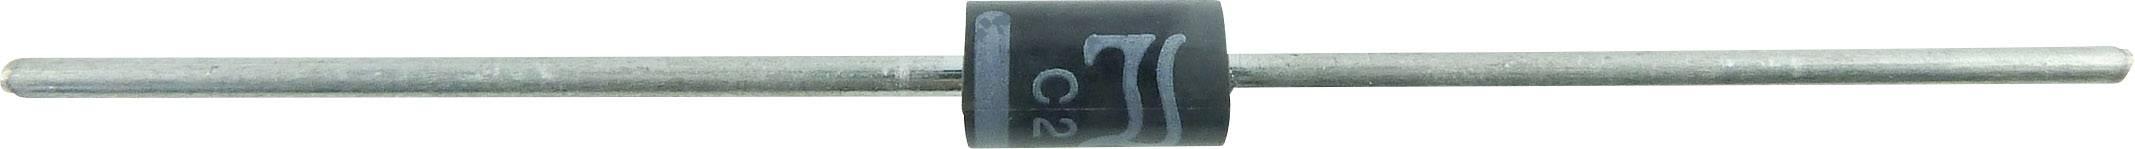 Schottkyho usmerňovacia dióda Diotec SB360, 3 A, 60 V